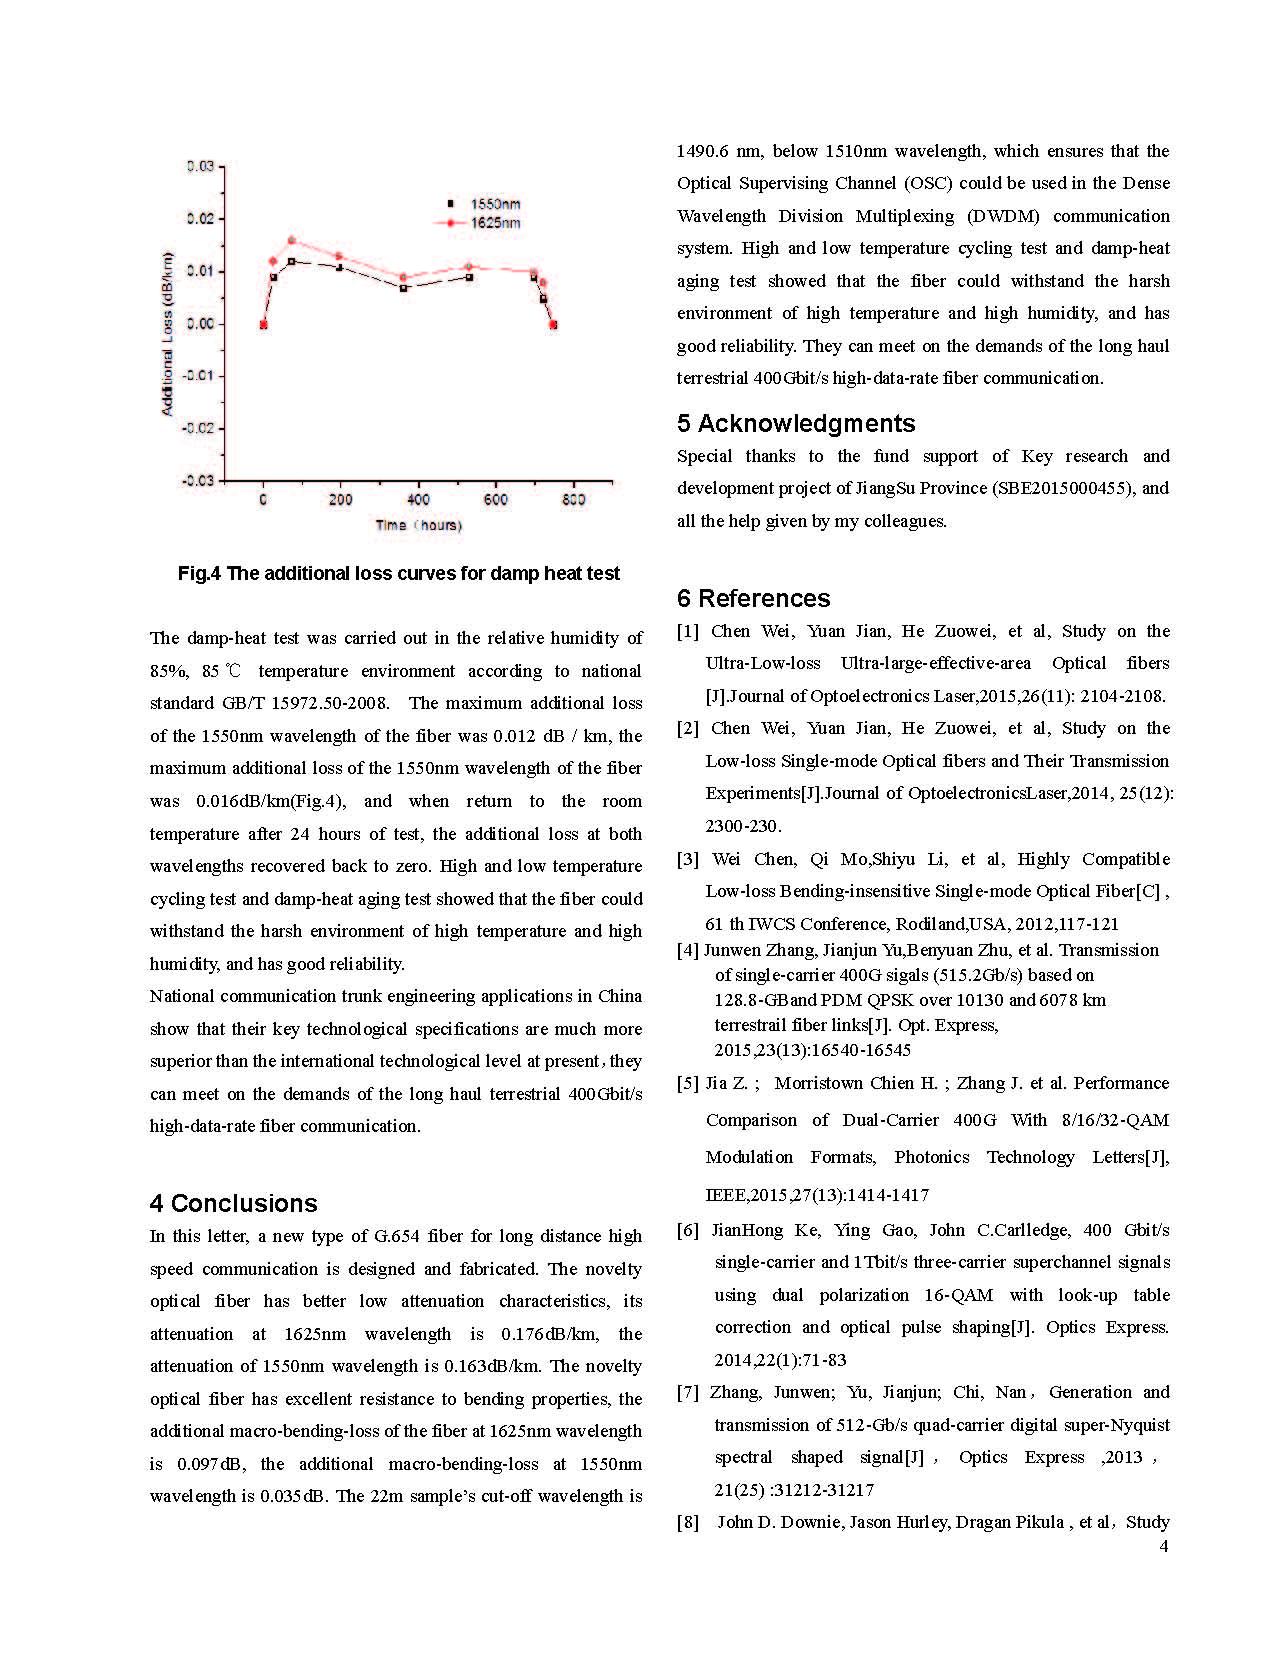 光纤技术文章_页面_4.jpg